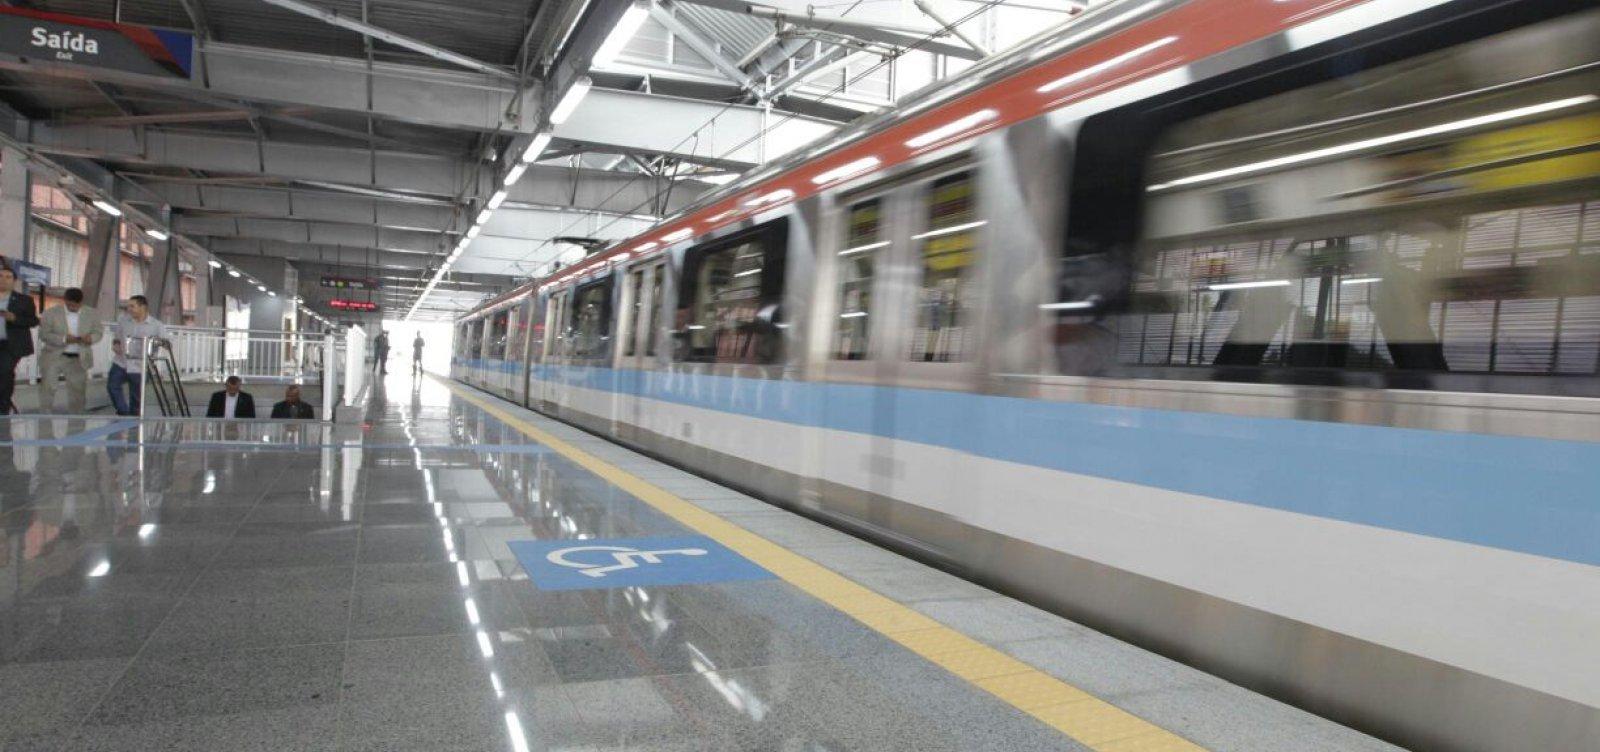 Trem de metrô de Salvador quebra durante viagem